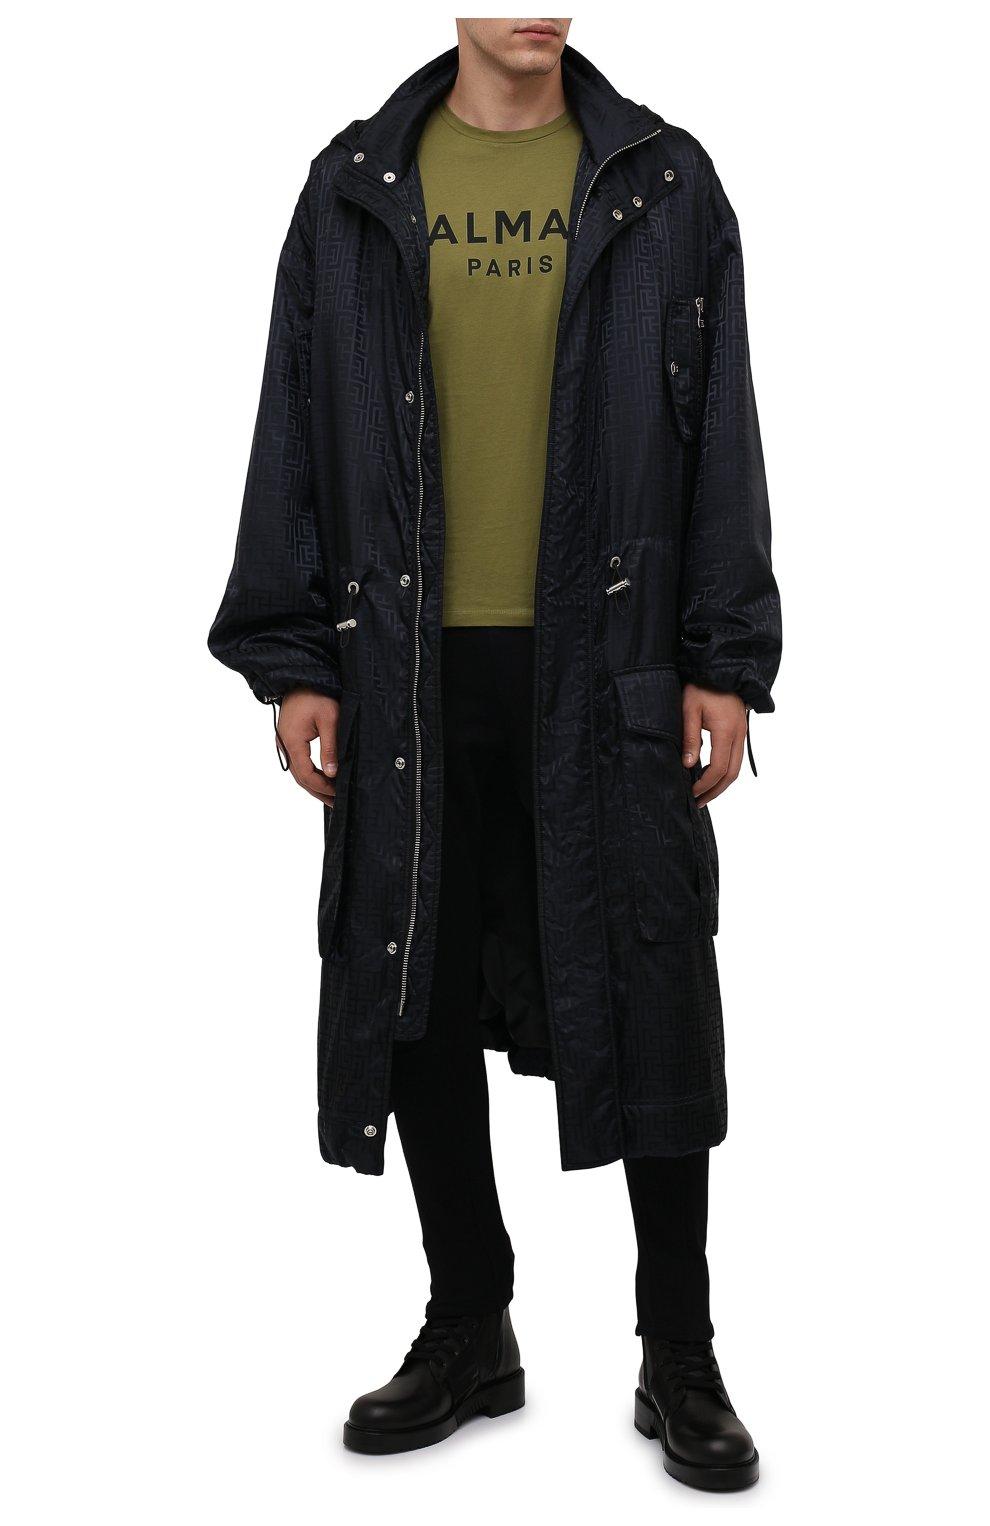 Мужские хлопковые джоггеры BALMAIN черного цвета, арт. WH10B080/B137 | Фото 2 (Силуэт М (брюки): Карго, Джоггеры; Мужское Кросс-КТ: Брюки-трикотаж; Длина (брюки, джинсы): Стандартные; Материал внешний: Хлопок; Стили: Кэжуэл)